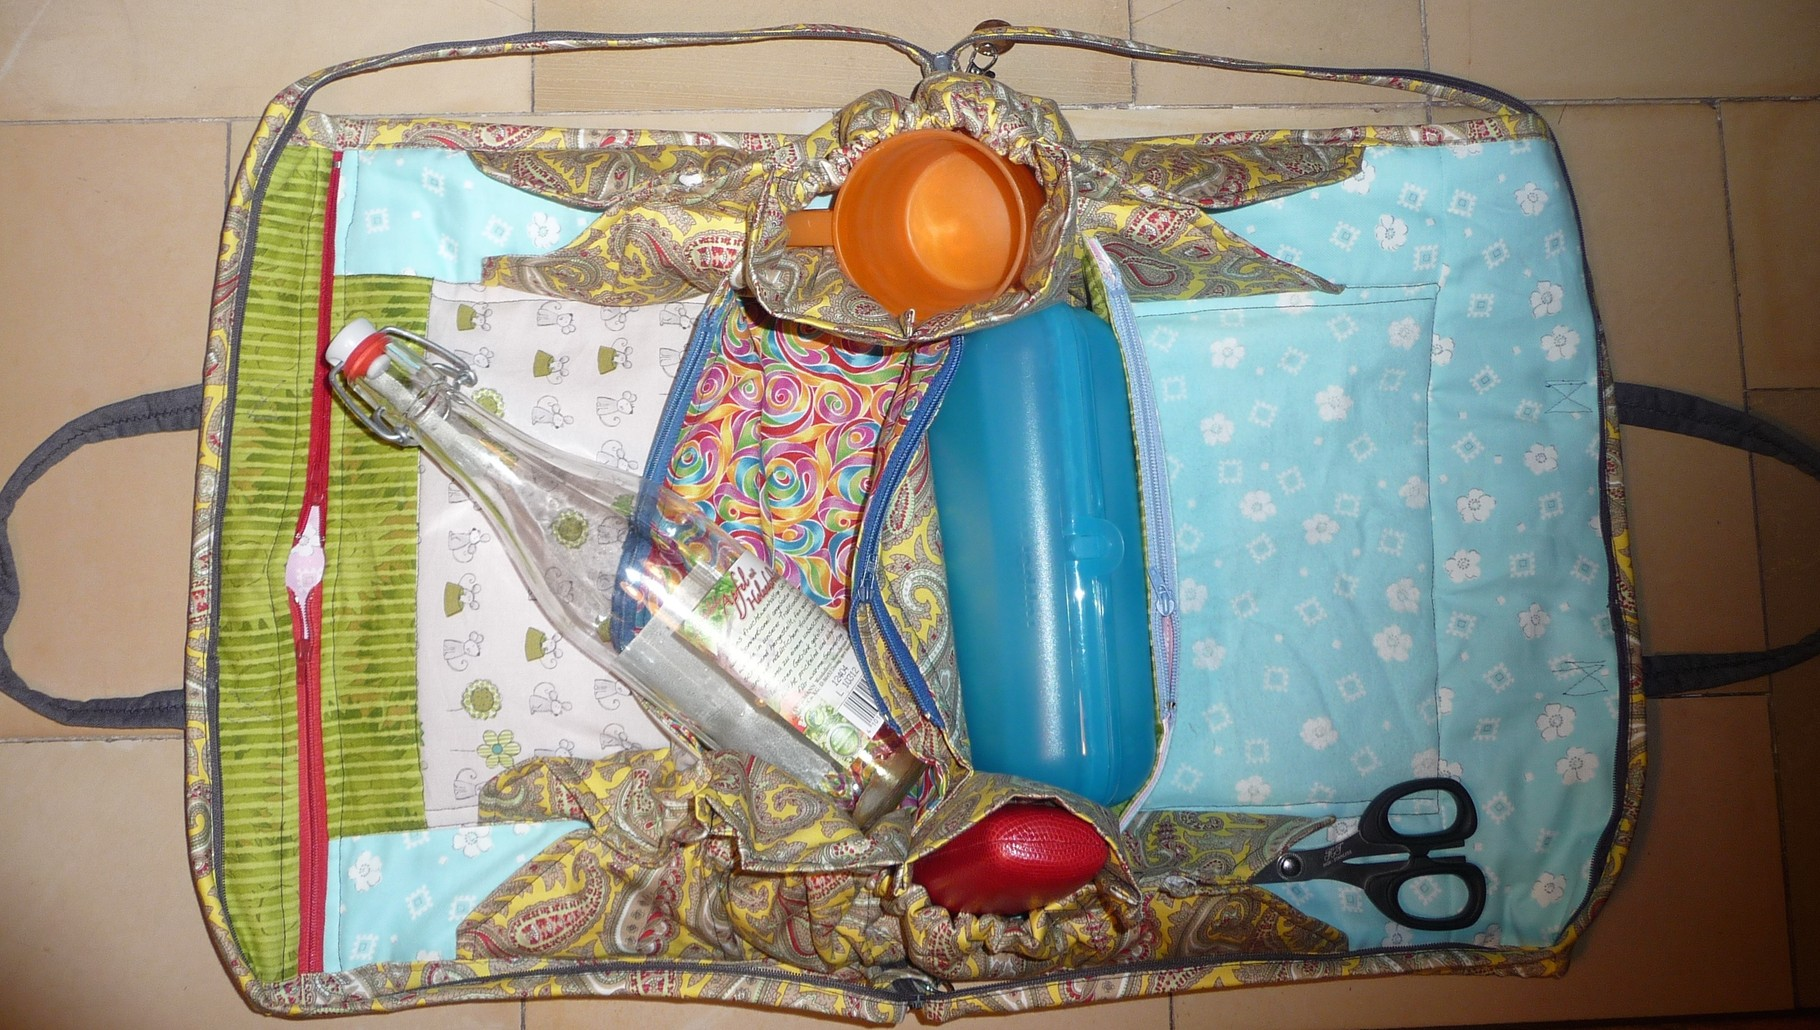 ... ein Plastikbecher, das Brillenetui... und wärend der Reise hat auch die Schere eine kleine Wegrutschsicherung.